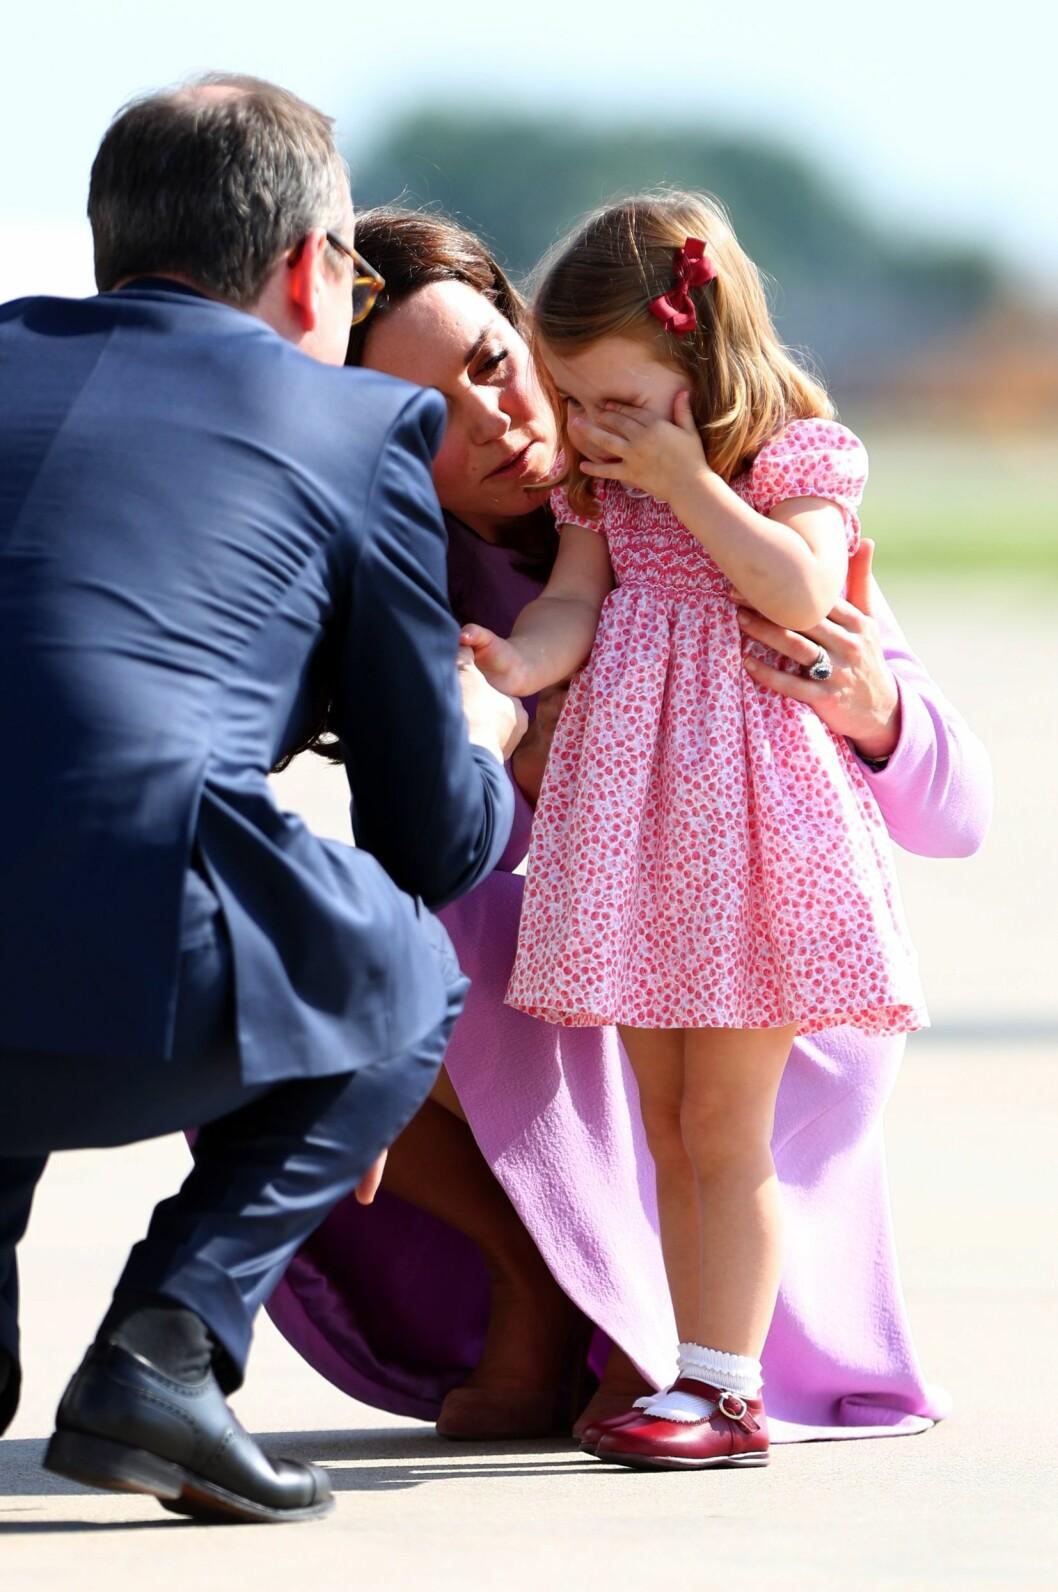 MÅTTE TRØSTES: For en liten prinsesse kan det være mye å forholde seg til når man er med på offisiell reise. Dette bildet er fra Tyskland i sommer. Foto: NTB Scanpix